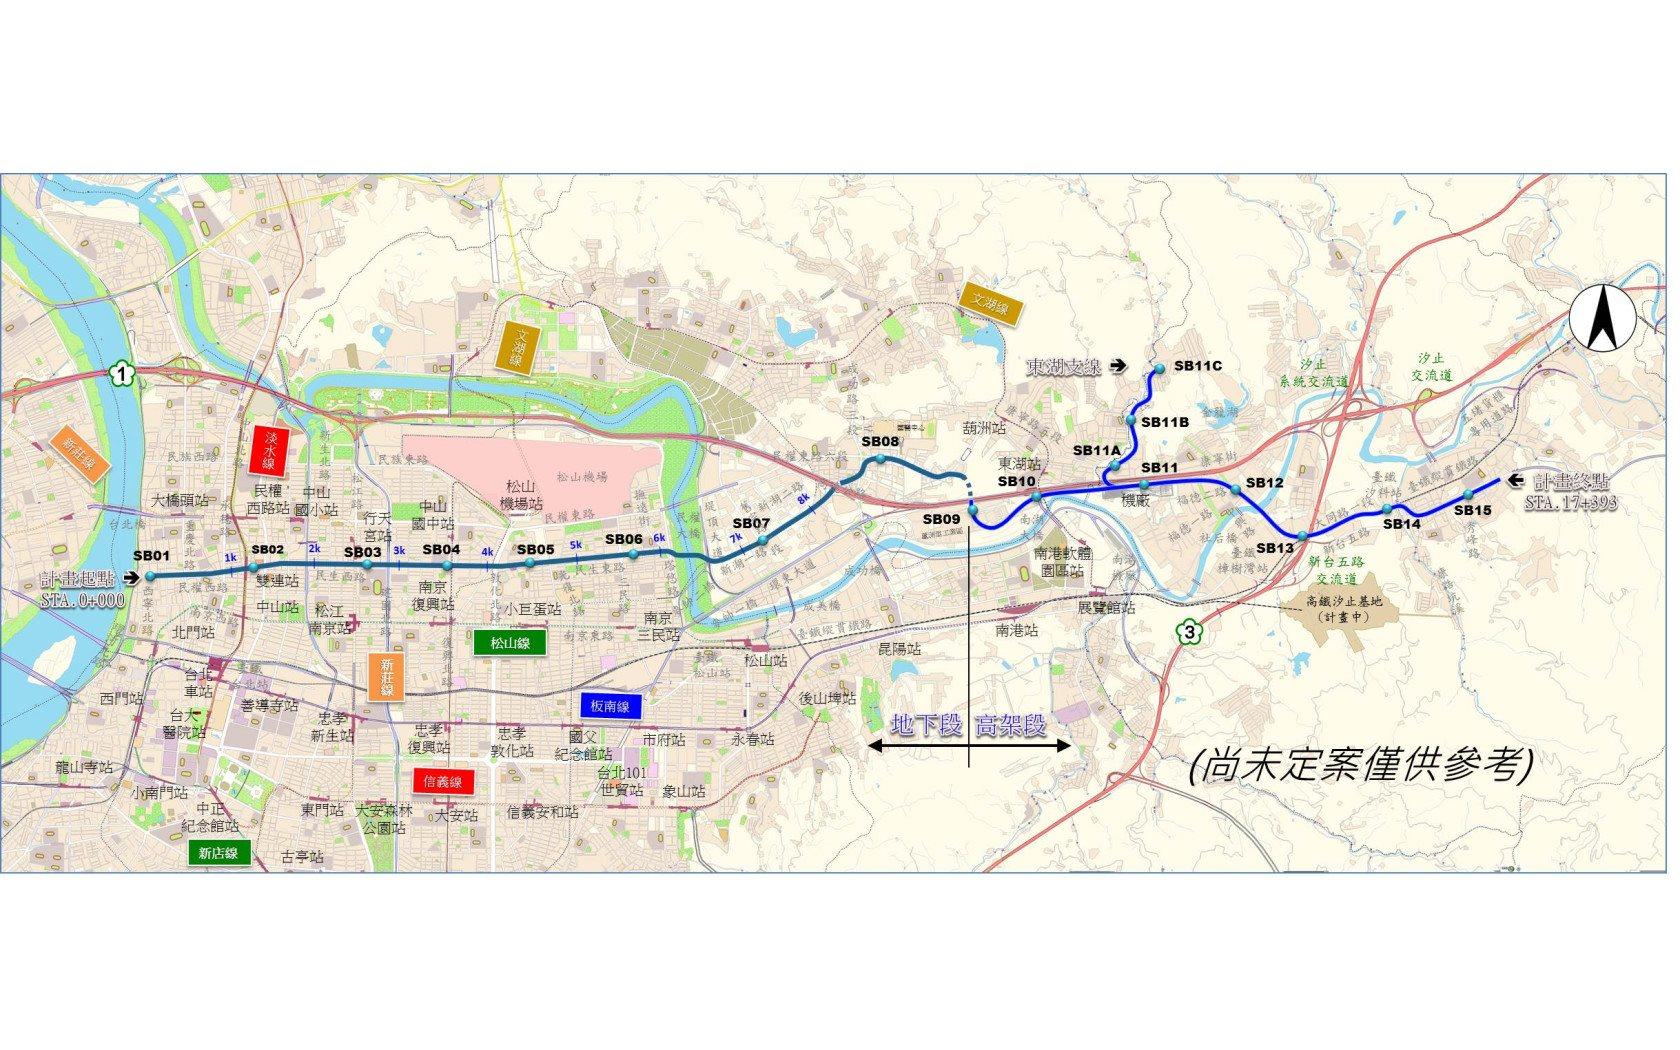 捷運汐東線(原捷運汐止民生線)